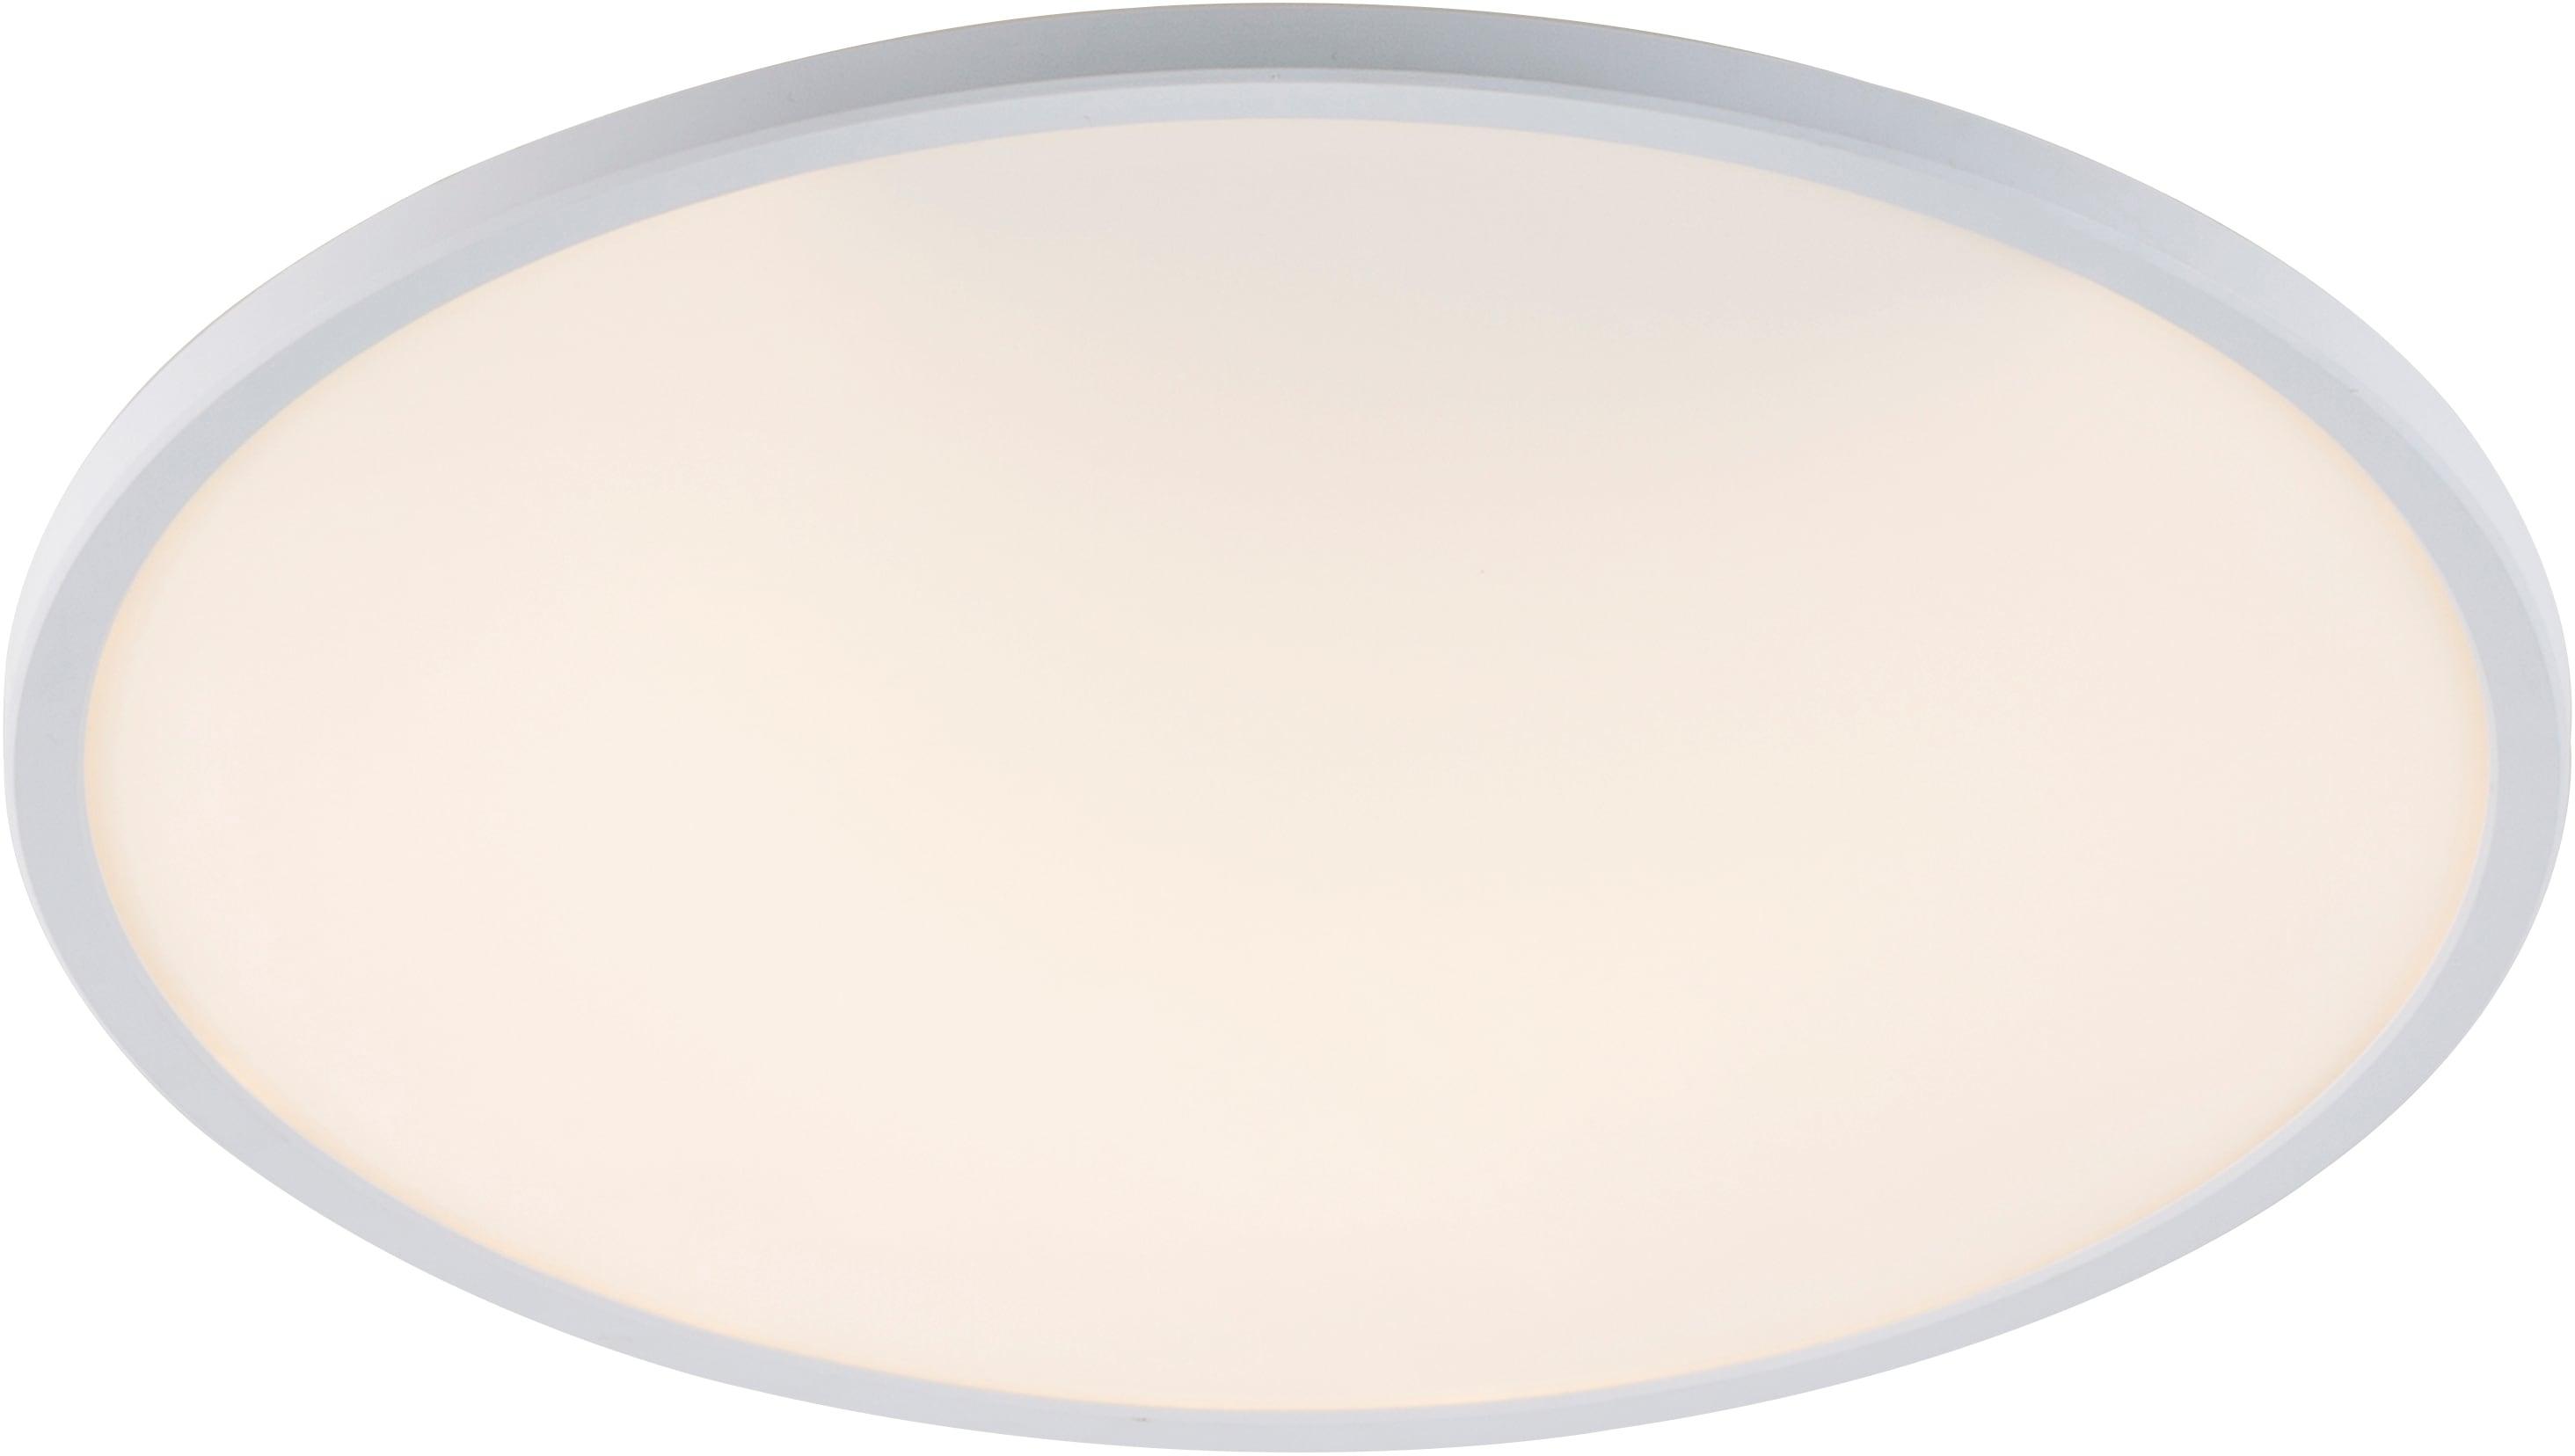 Nordlux,LED Deckenleuchte OJA 42 IP54 2700 K Dim